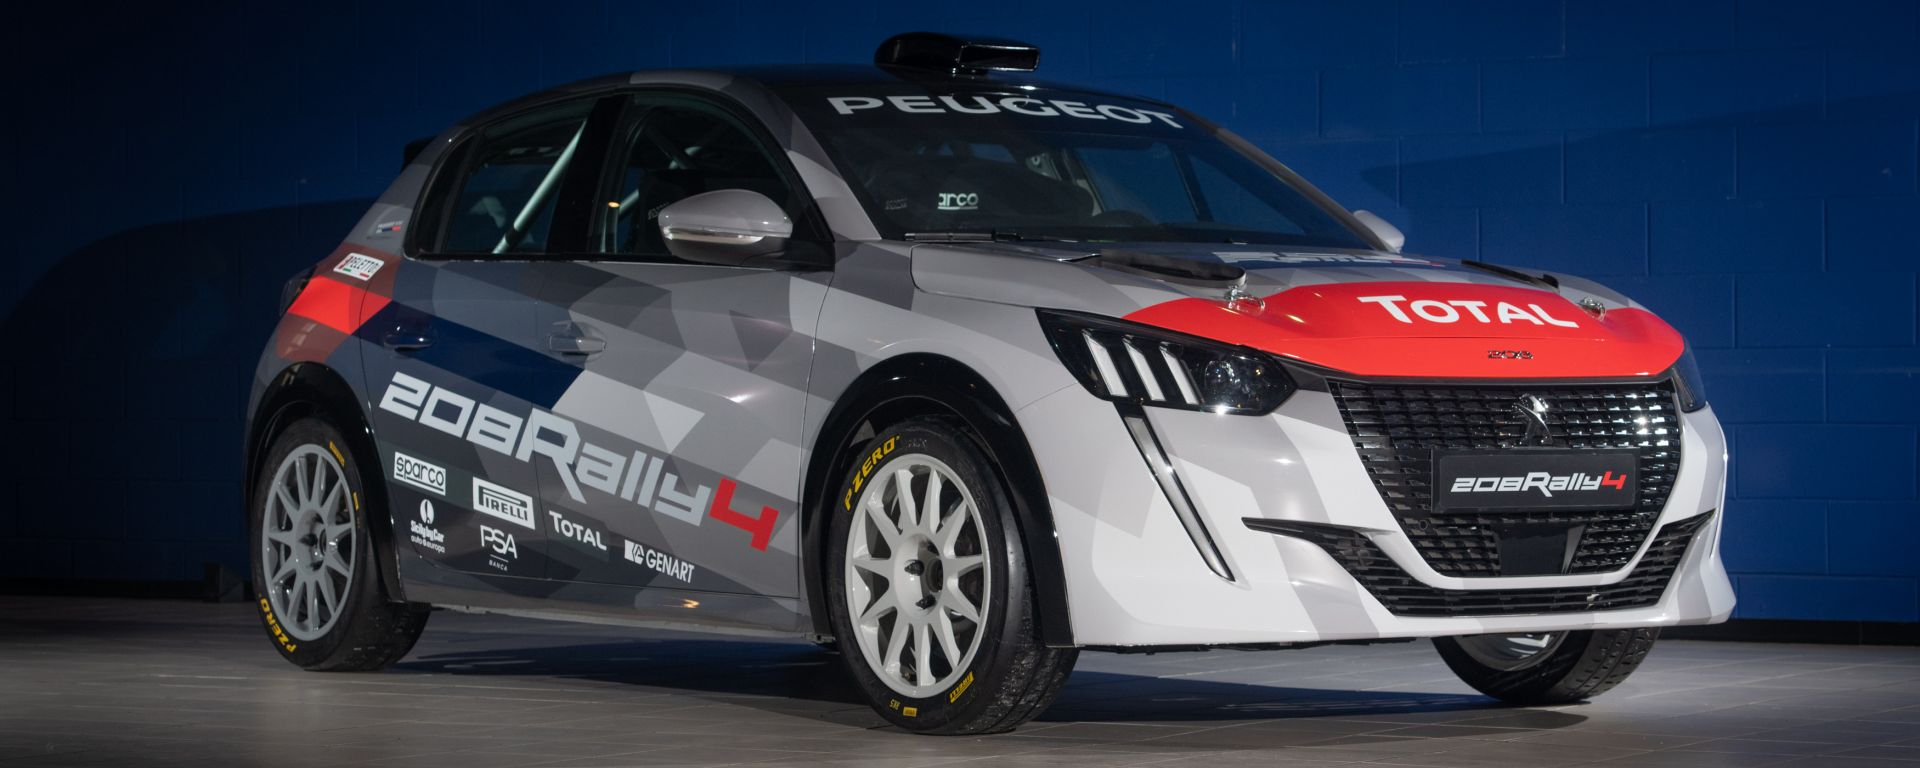 Peugeot: la scheda tecnica della nuova 208 Rally 4